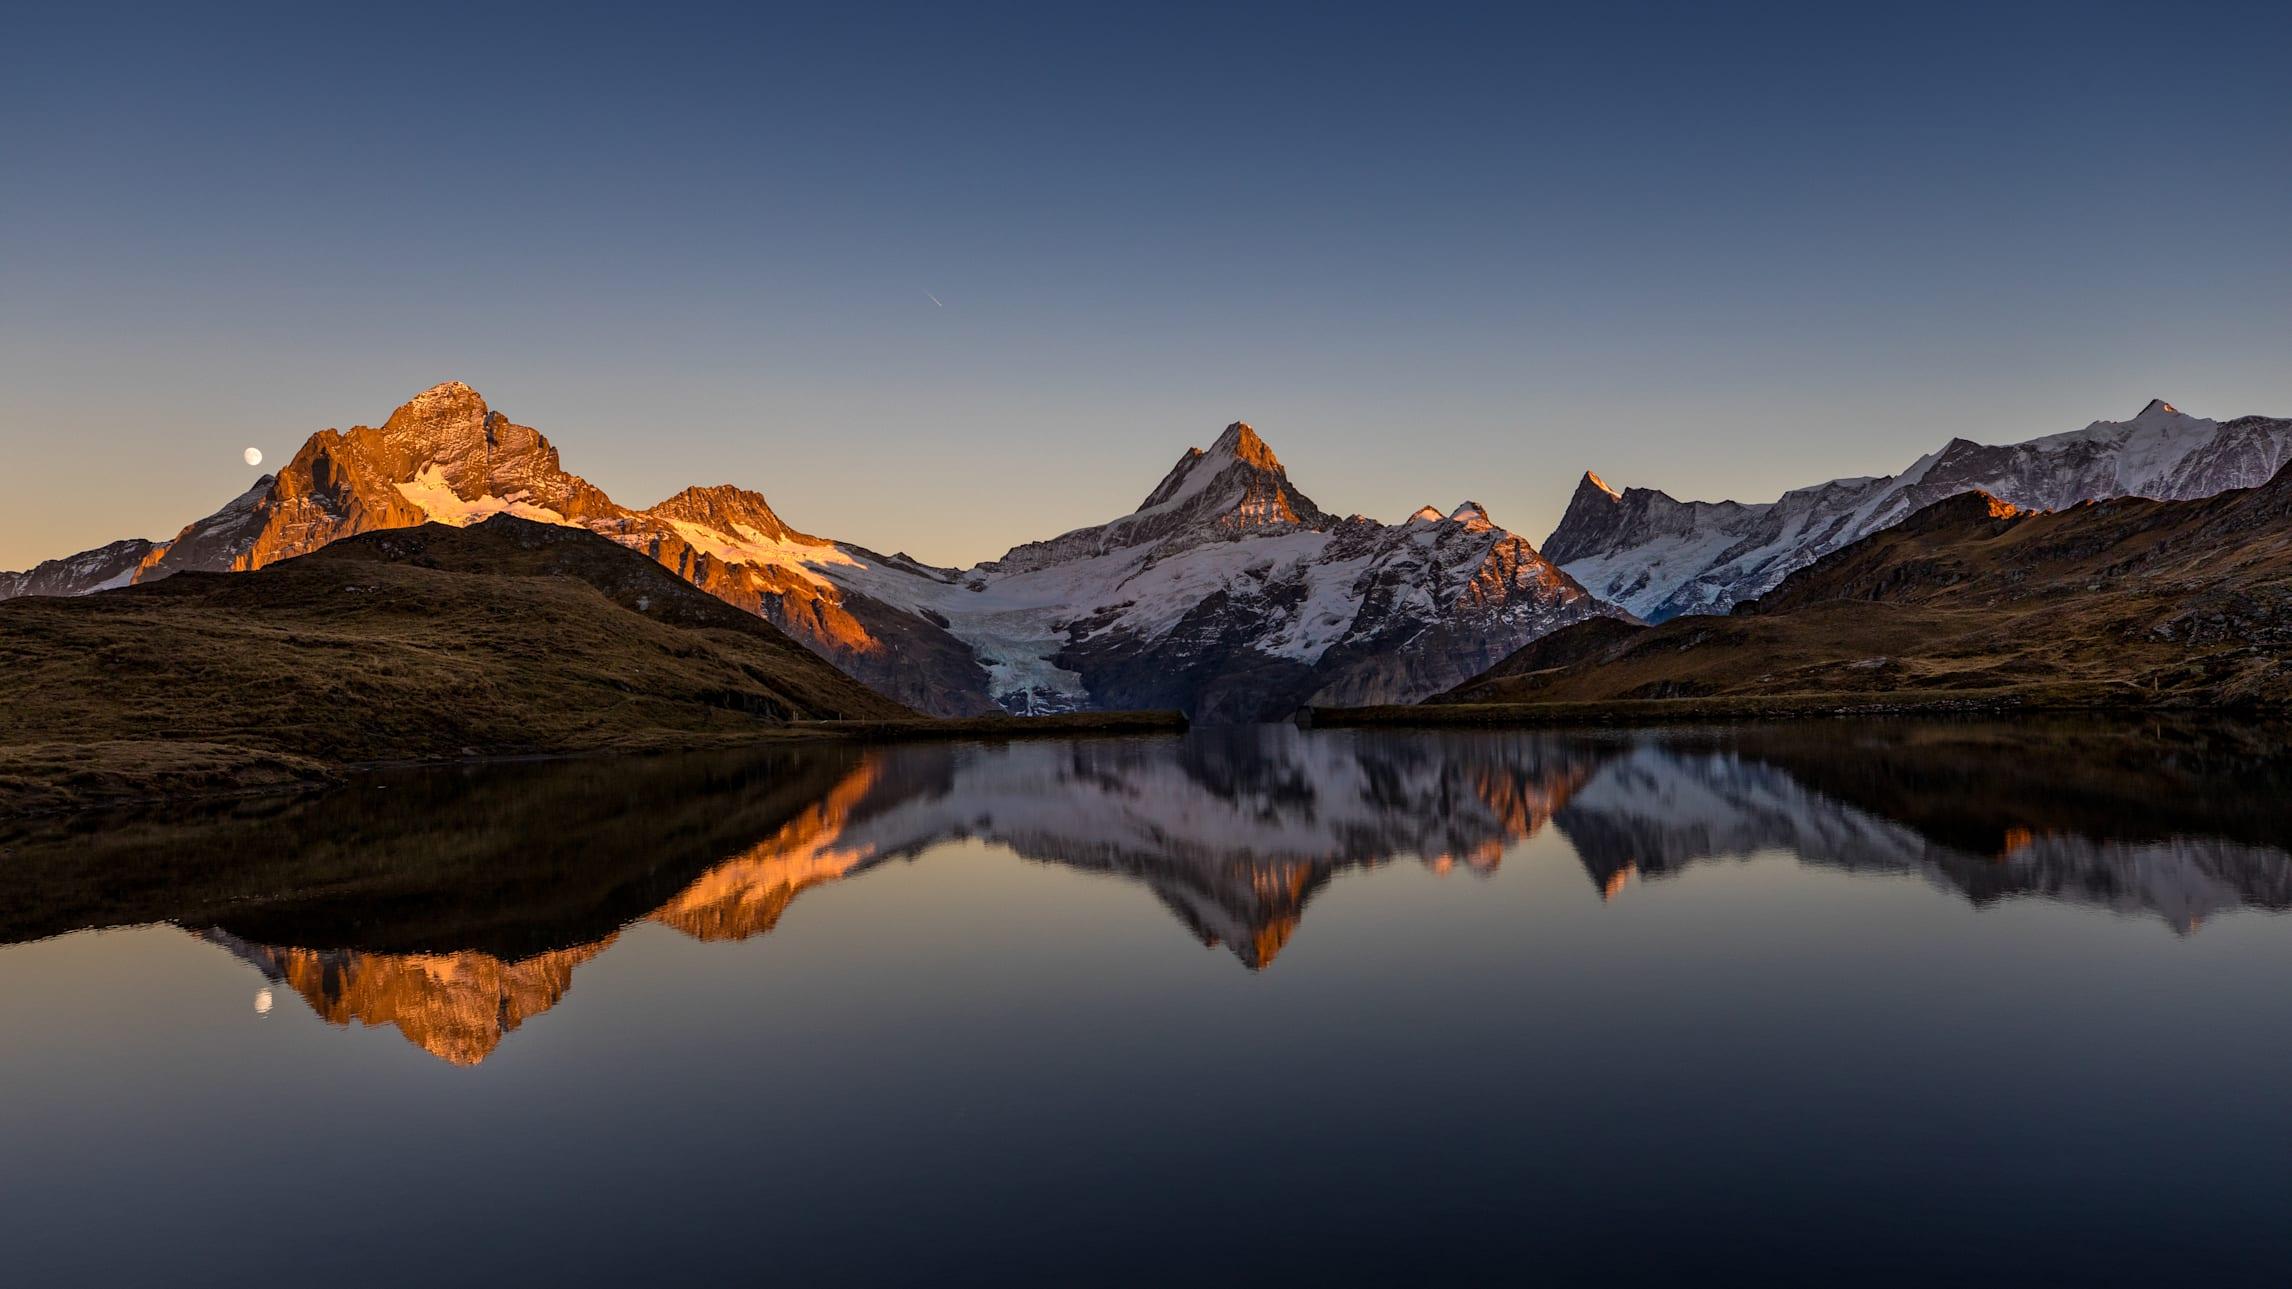 Erlebnisse-Aktivitaeten, Grindelwald-First-Sommer, Jahreszeit, Must See Tour, Sommer, jungfrau.ch